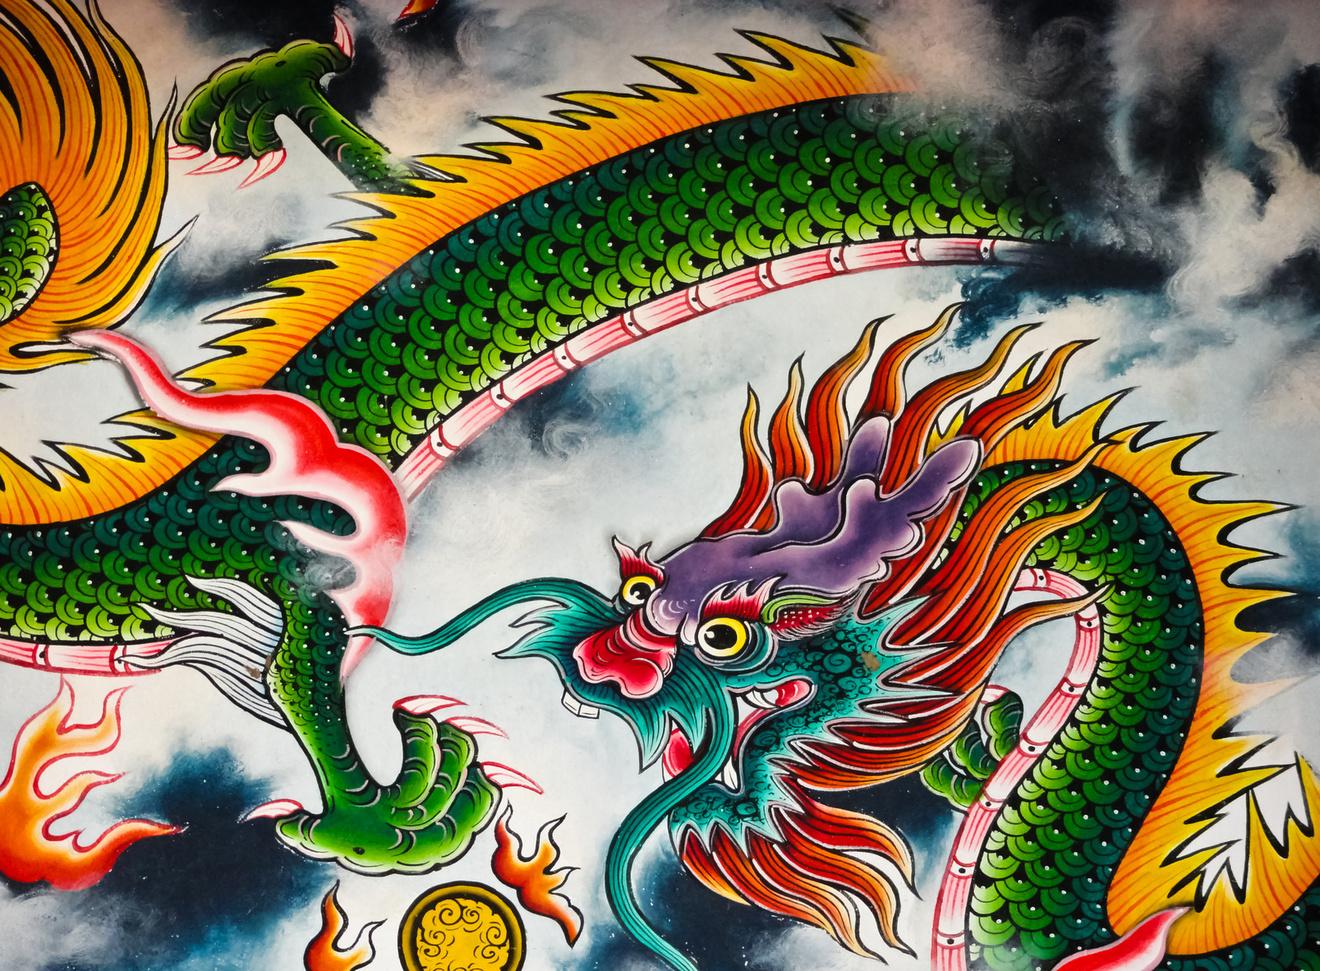 中国「四大奇書」の魅力と見どころを徹底解説!『水滸伝』や『西遊記』など